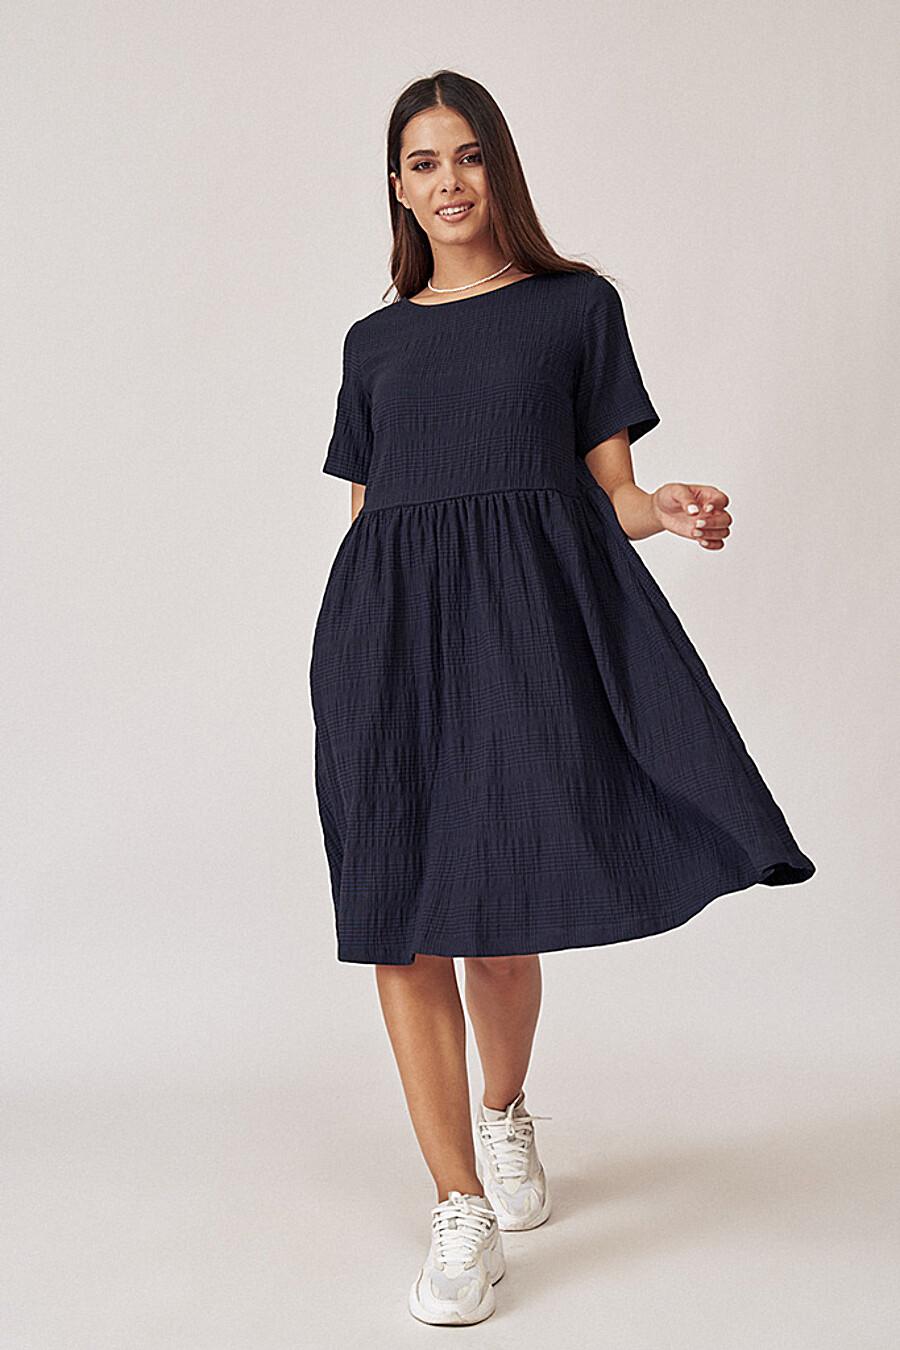 Платье для женщин DELIA 649100 купить оптом от производителя. Совместная покупка женской одежды в OptMoyo